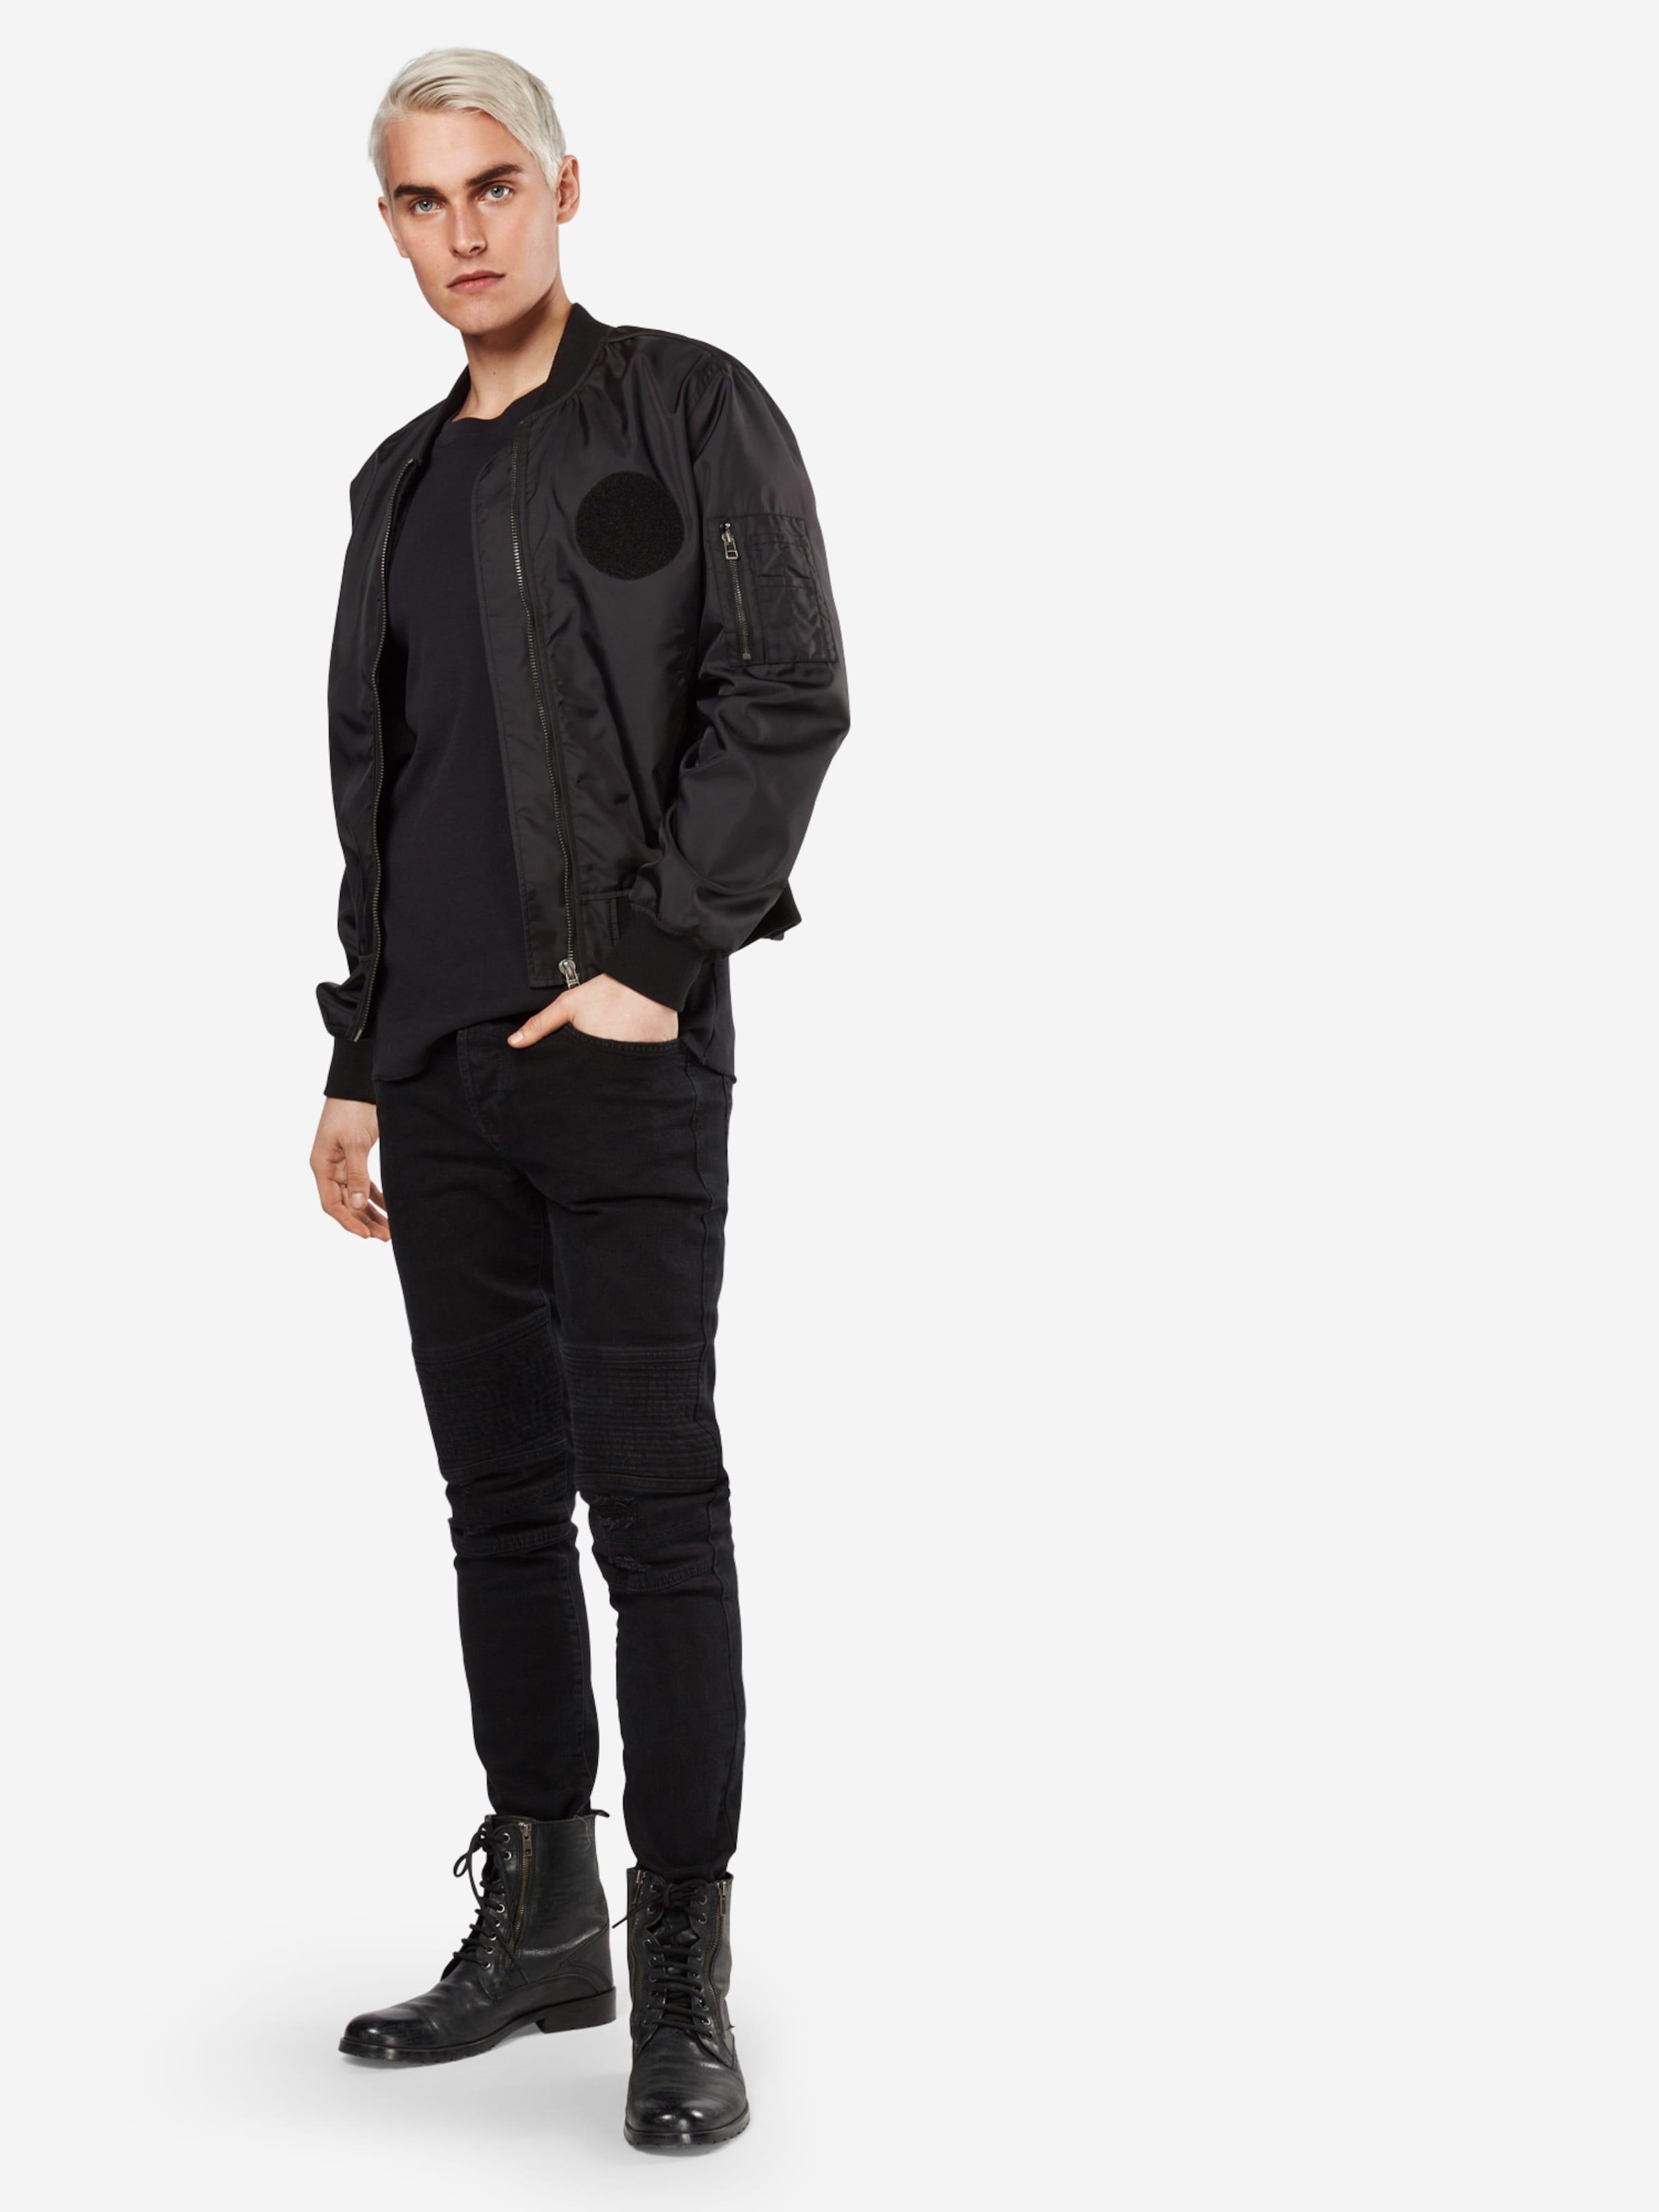 Billig Verkaufen Bilder Steckdose Footaction Only & Sons Jeans 'Spun Biker' ZJh2J